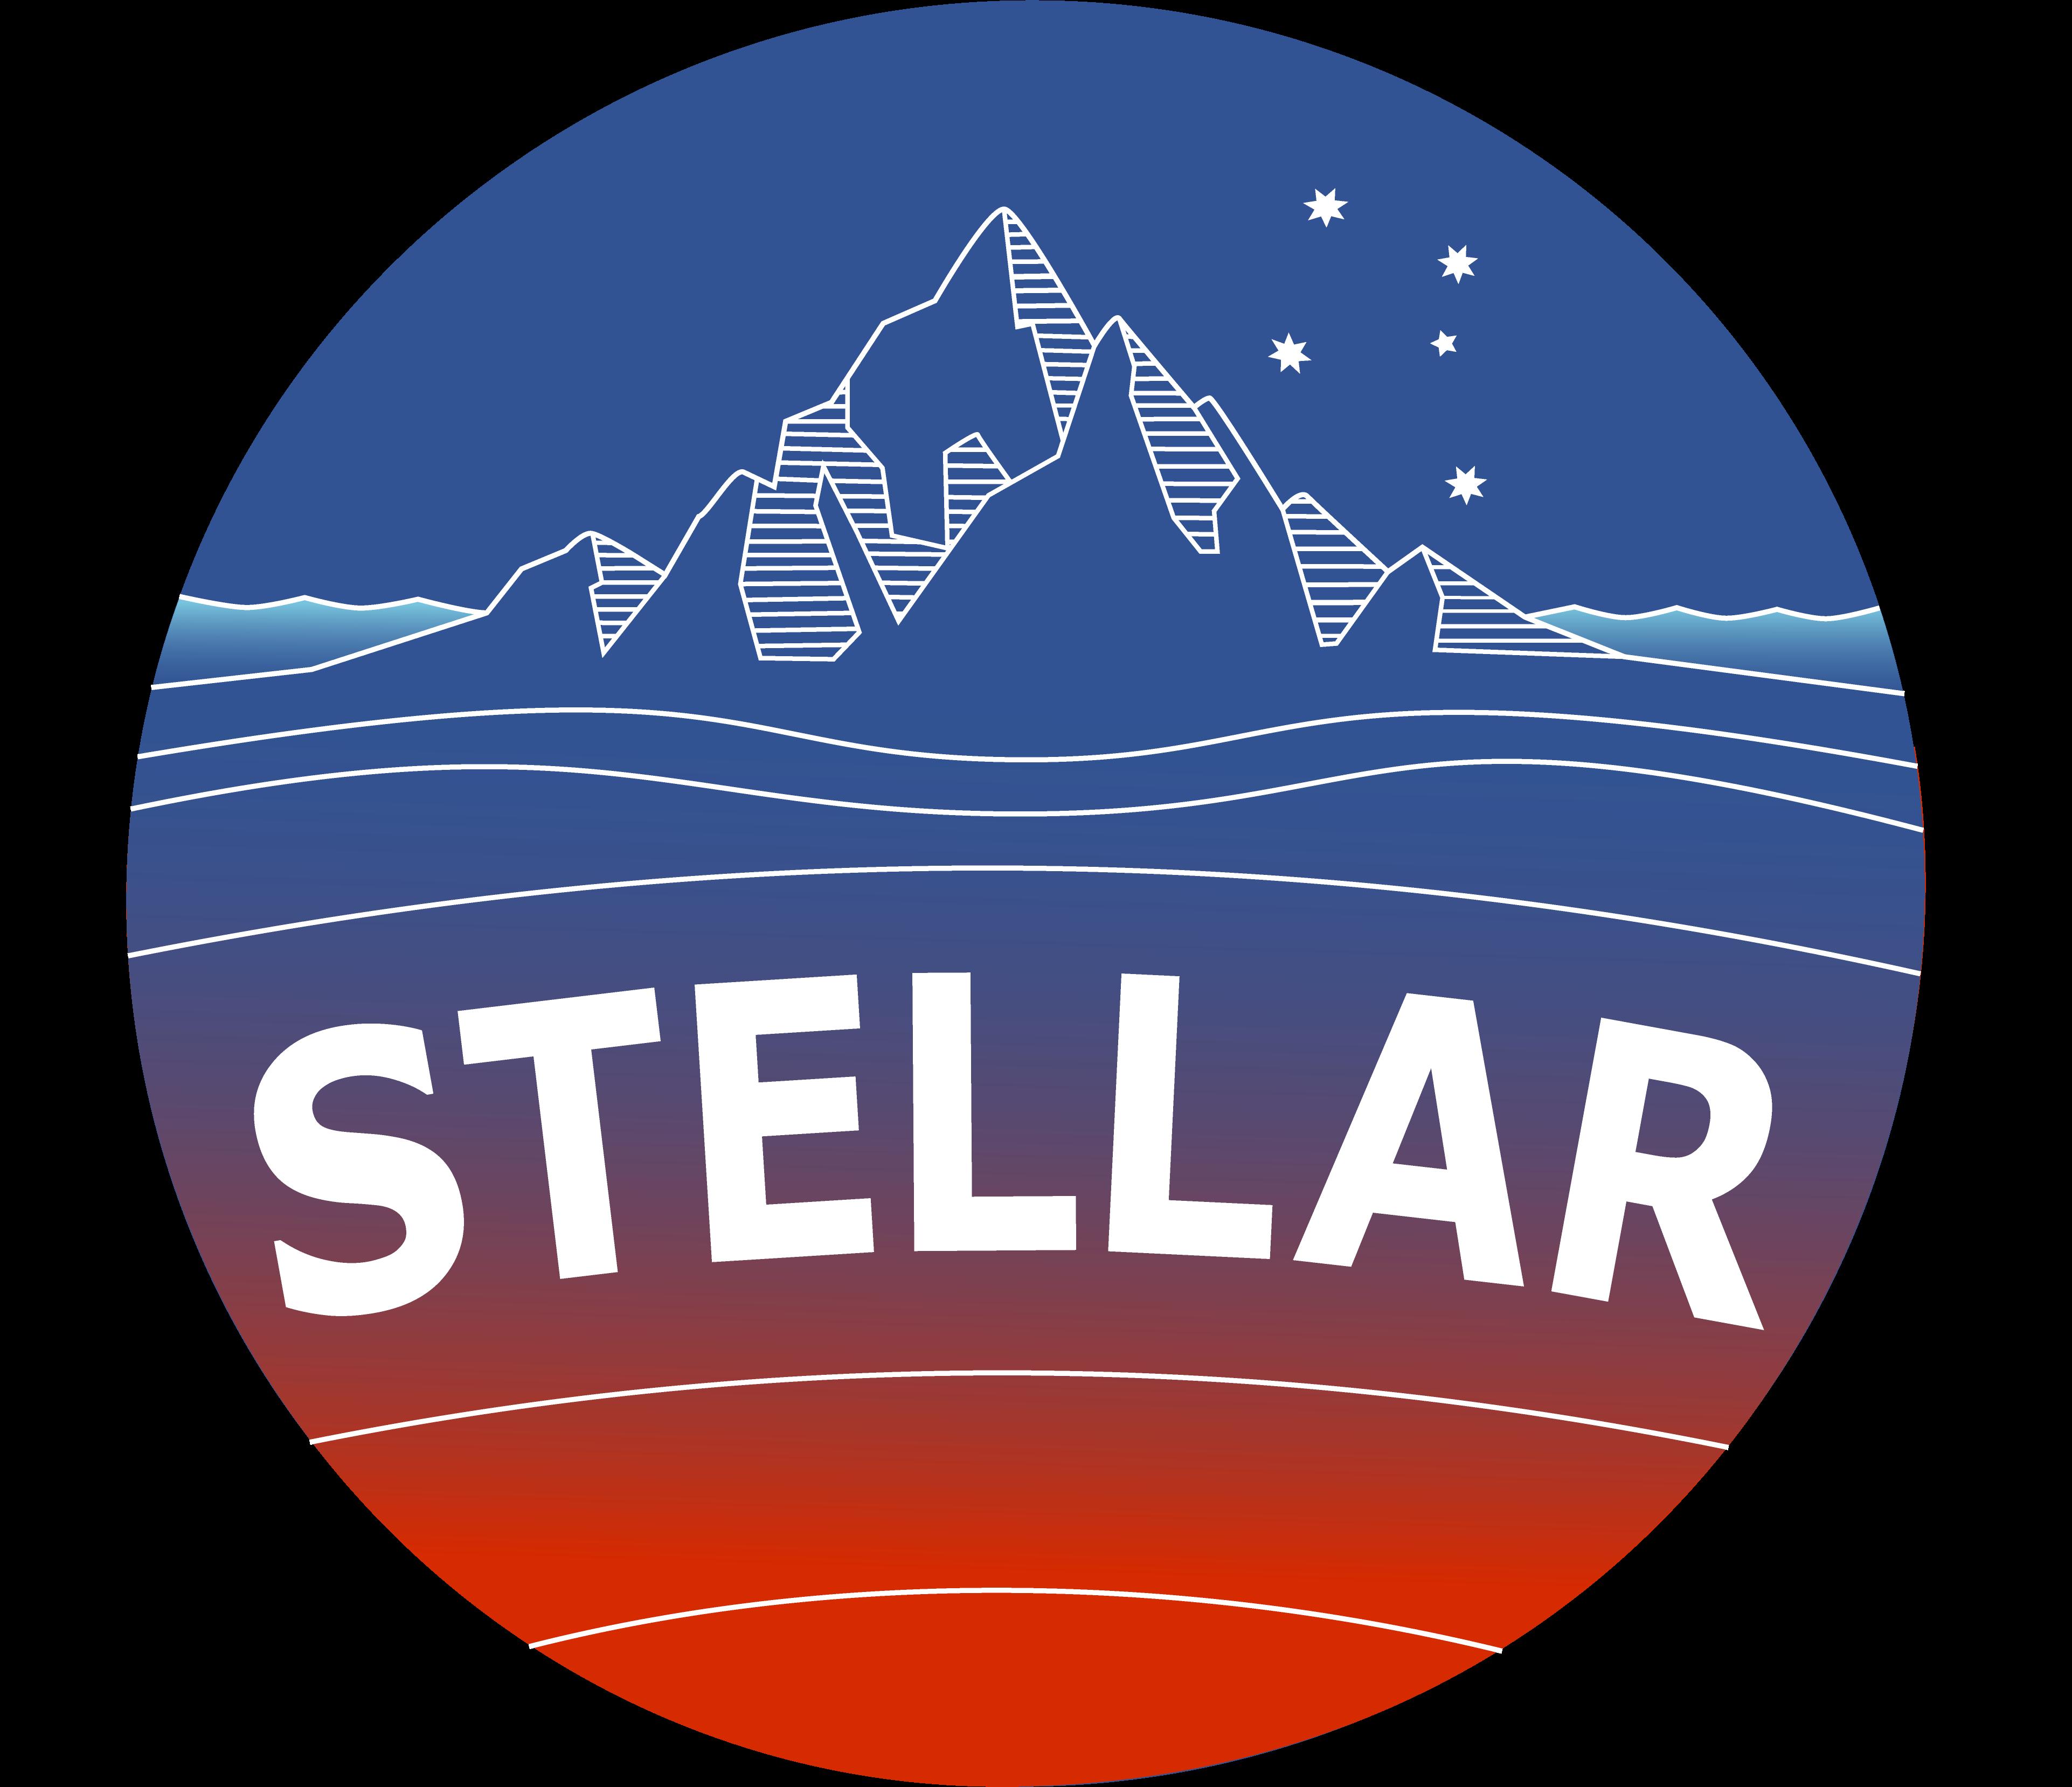 stellar_logo_light